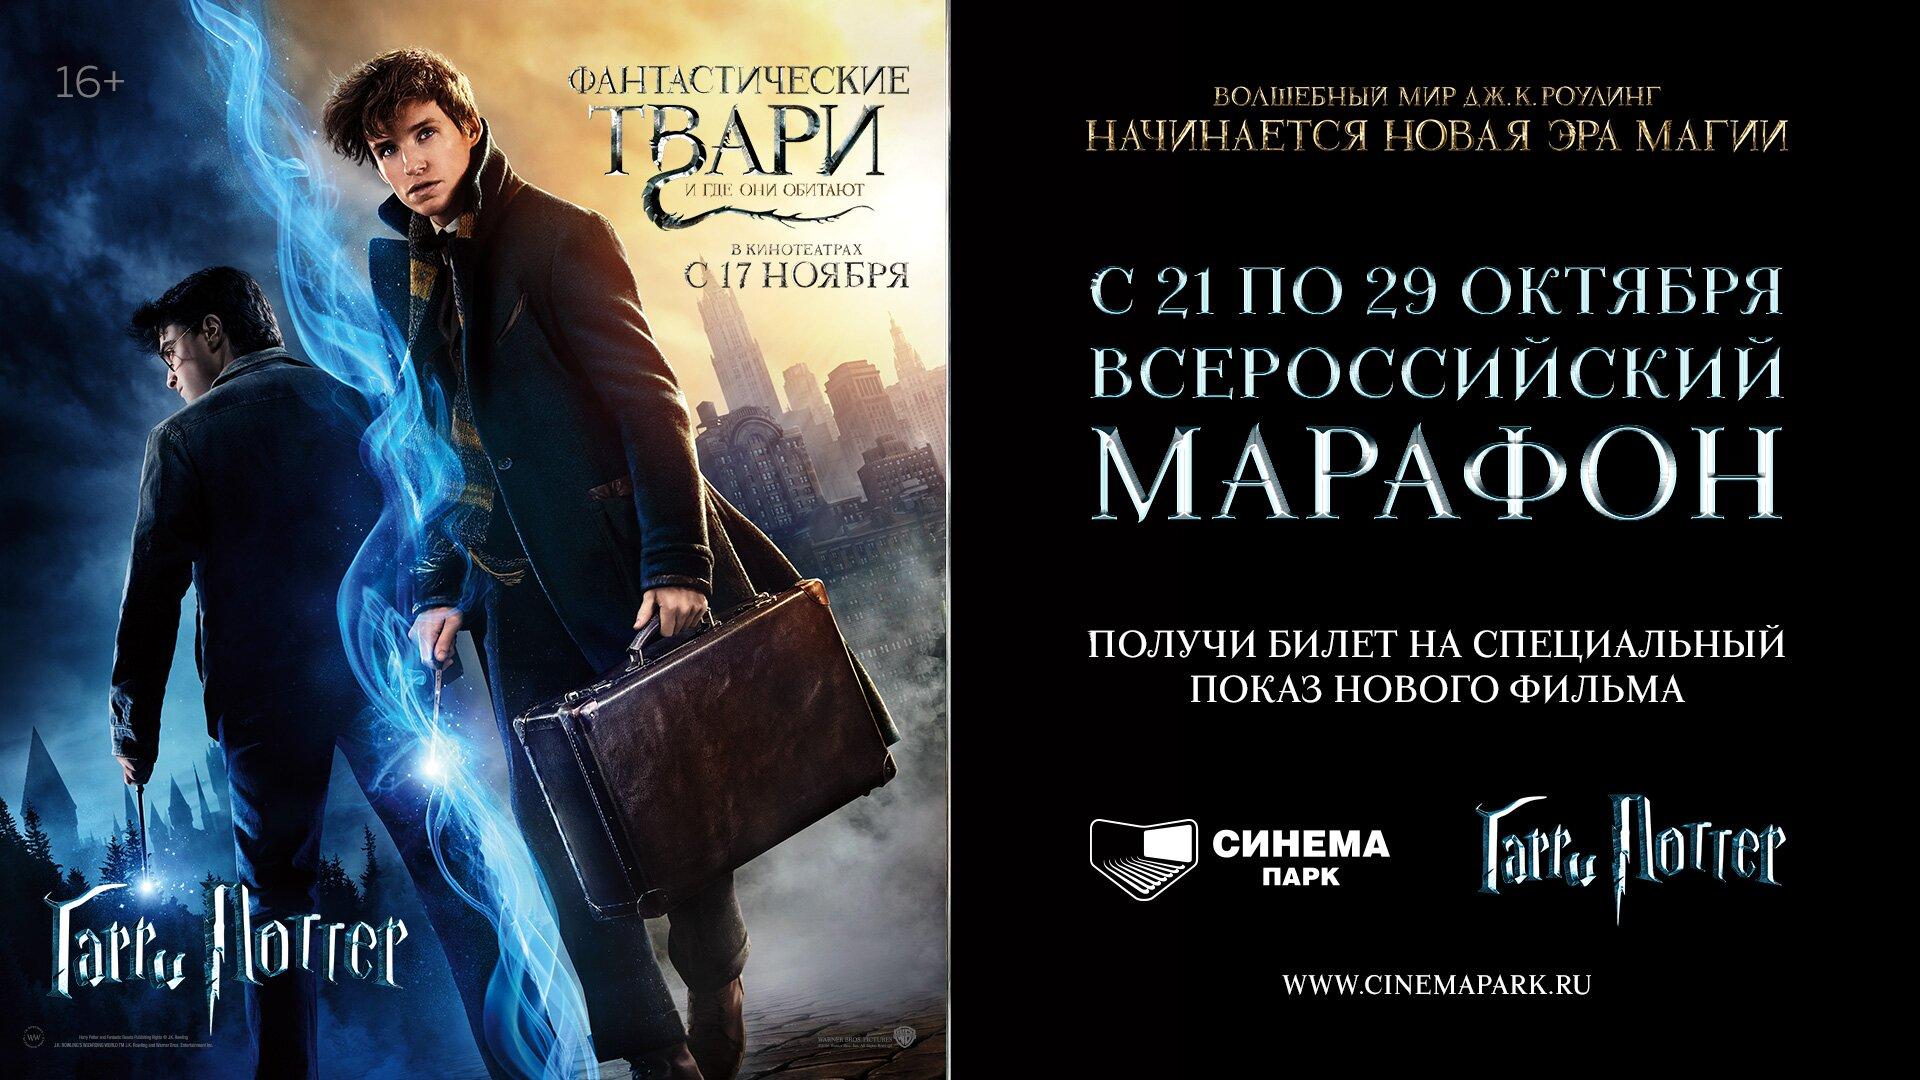 СИНЕМА ПАРК проведет грандиозный Всероссийский киномарафон ГАРРИ ПОТТЕР